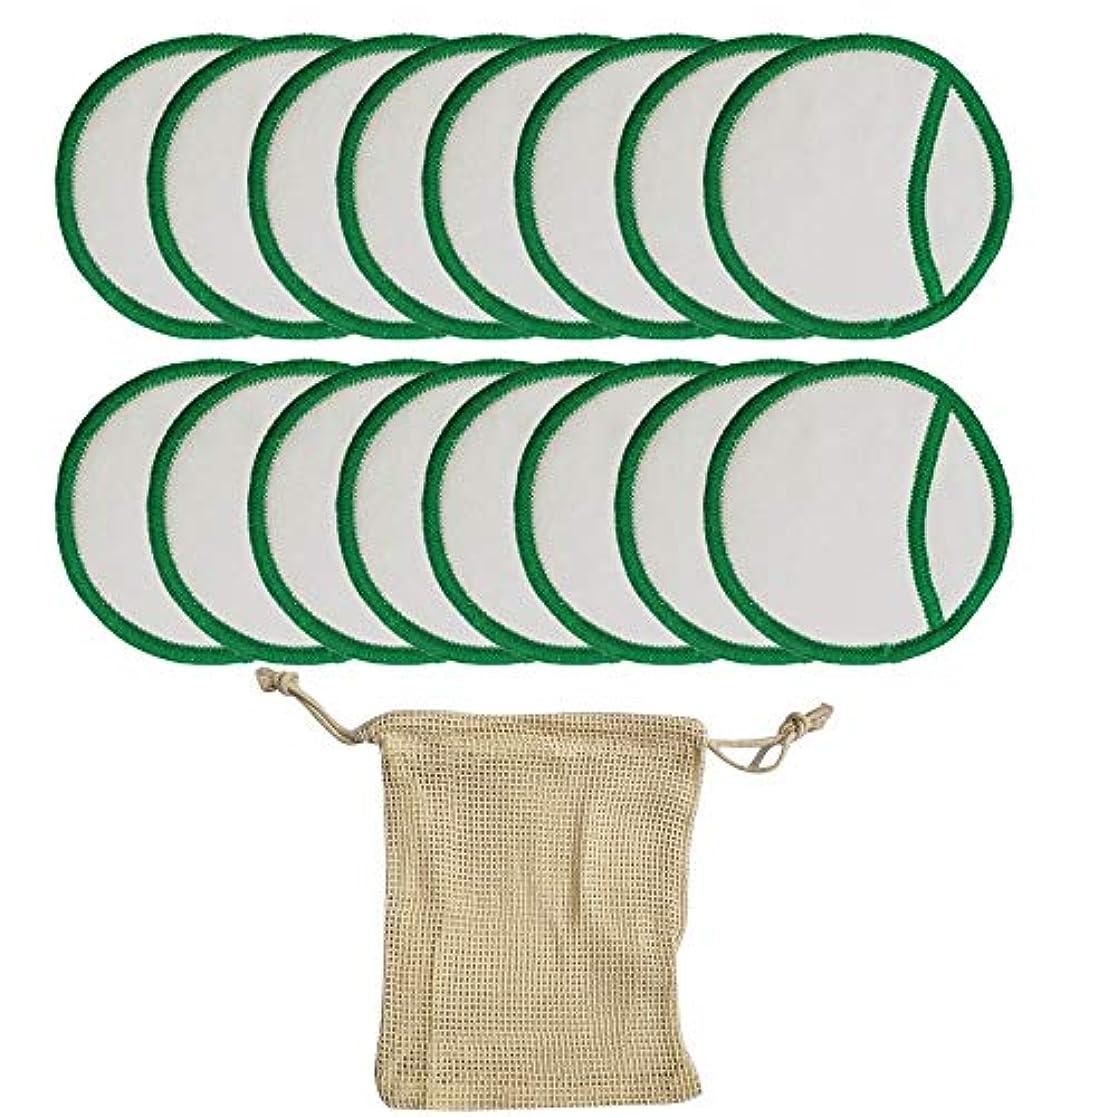 雪だるま脅かす力学16pcsメイクアップリムーバーパッド再利用可能な洗濯可能な3層竹フェイシャルクレンジングコットンワイプスキンケア用品用収納バッグ付き